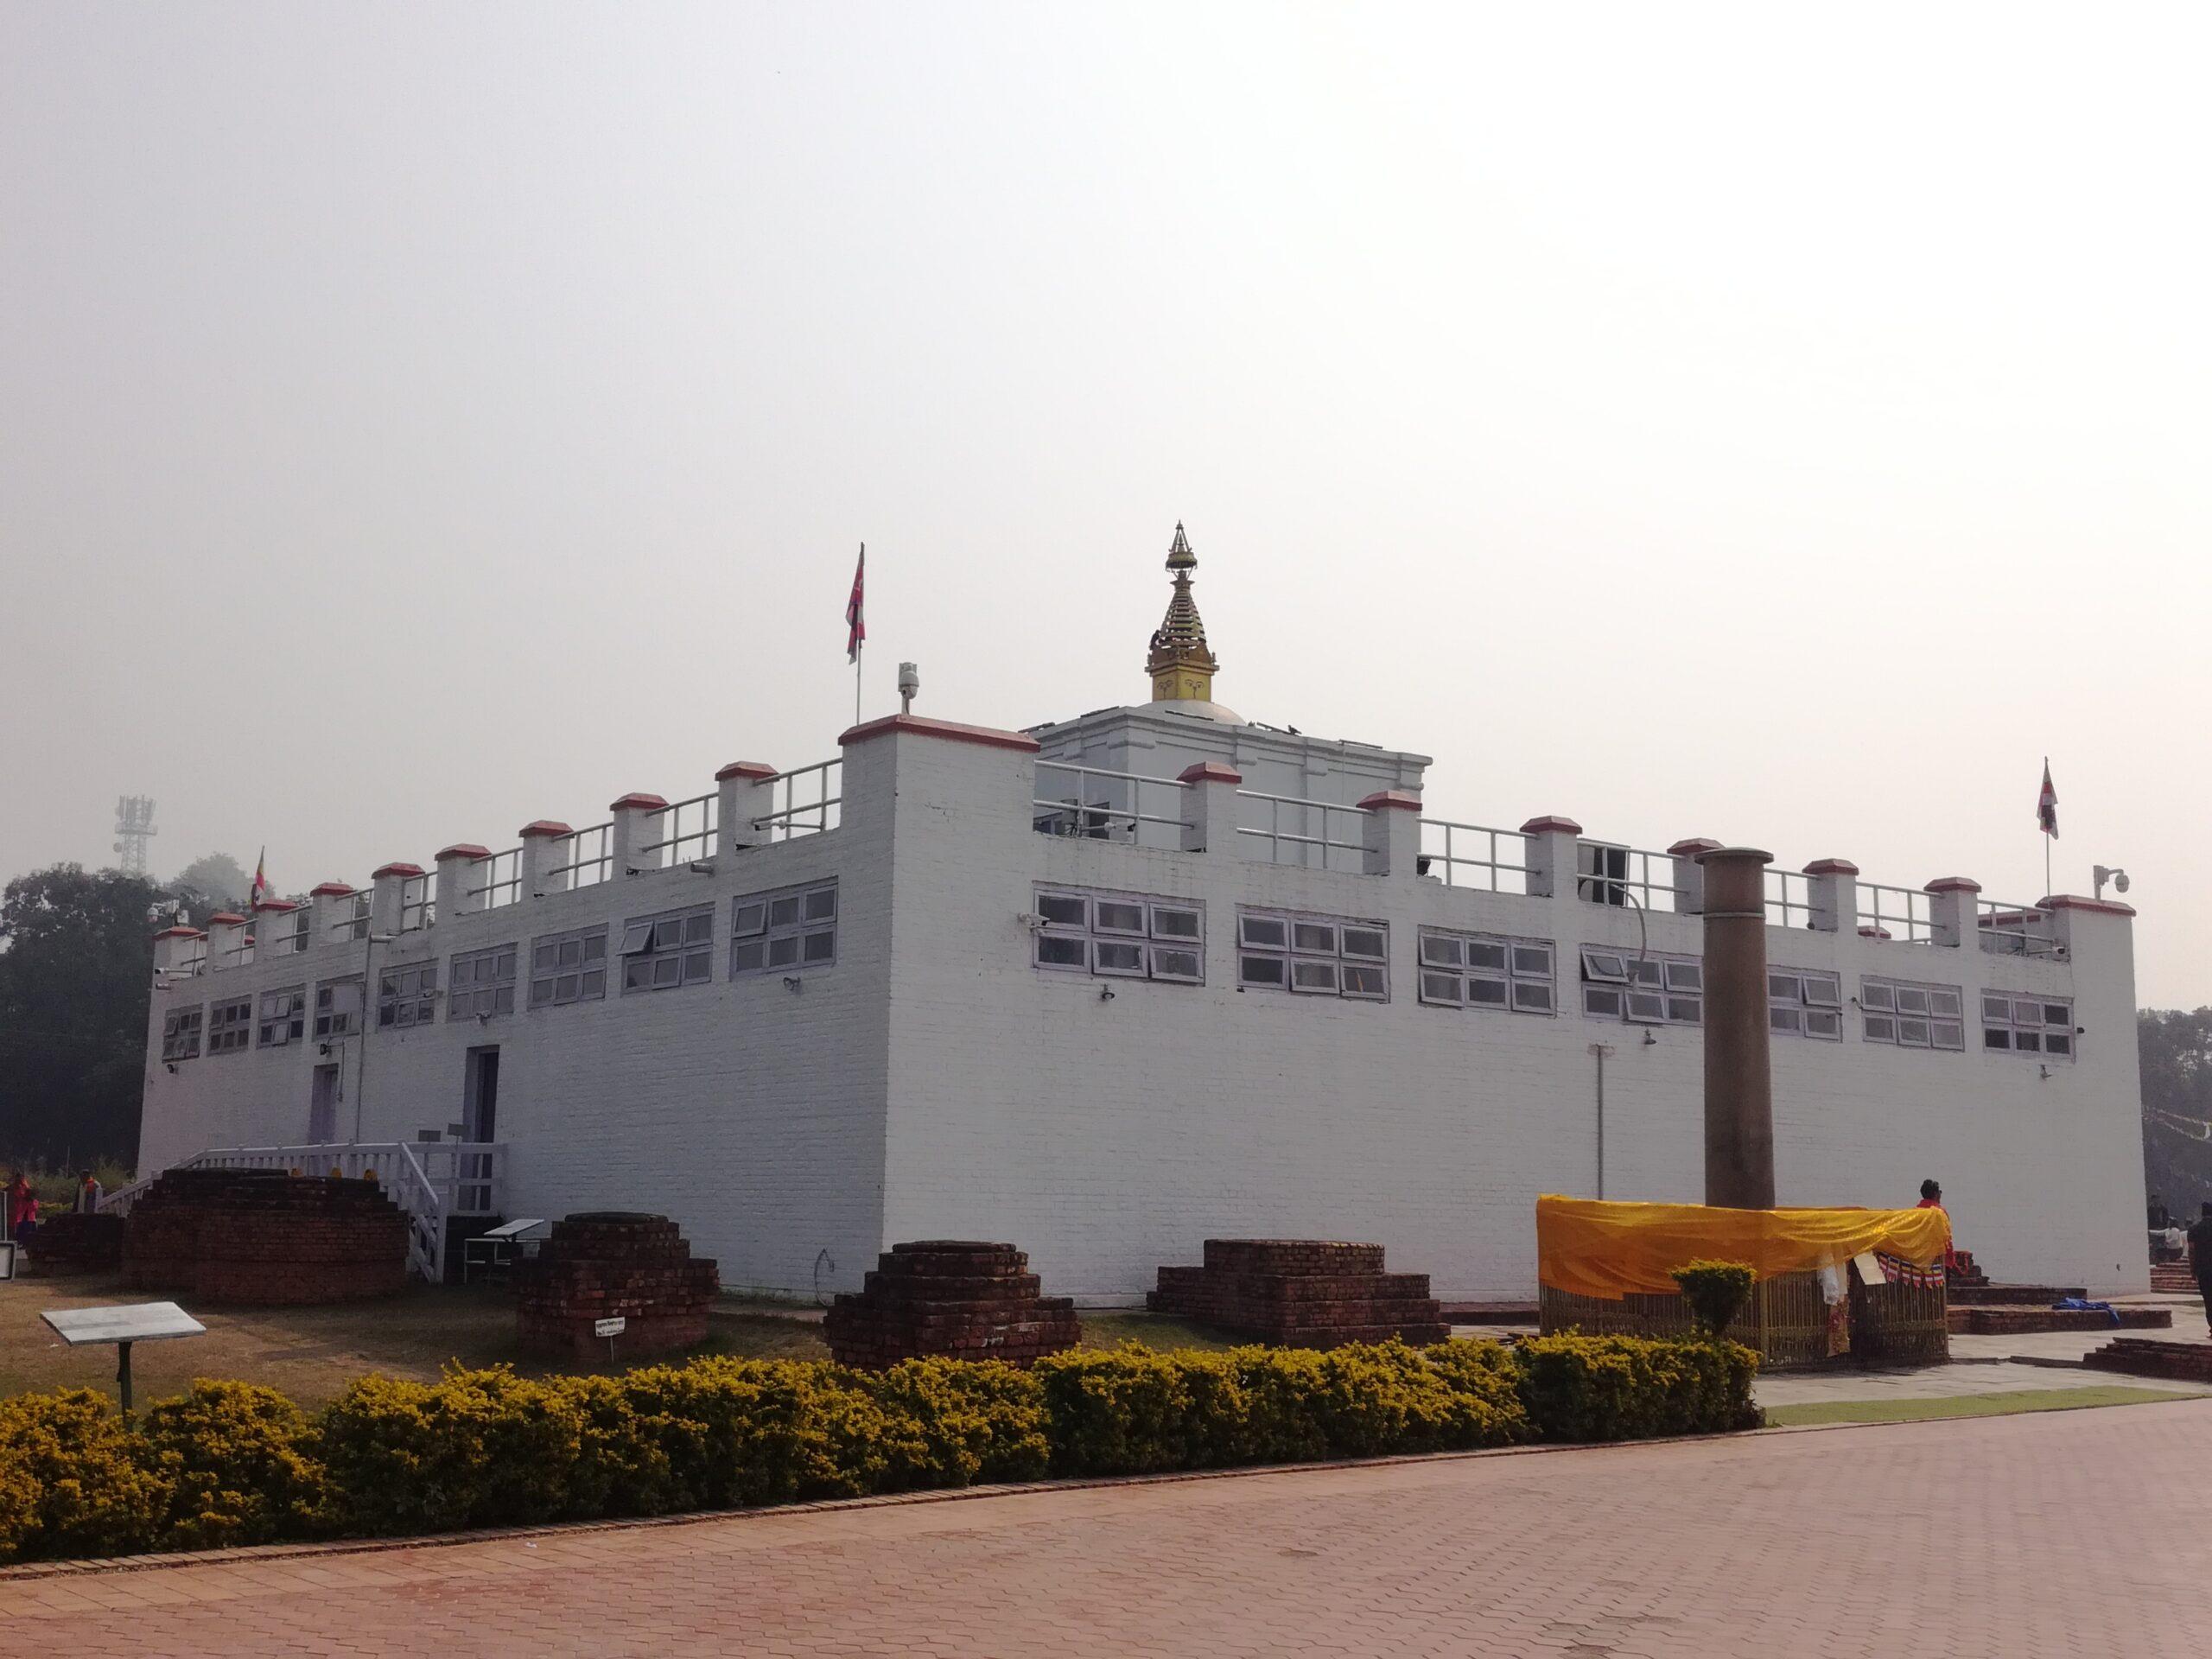 Scoprire il luogo dove è nato Buddha